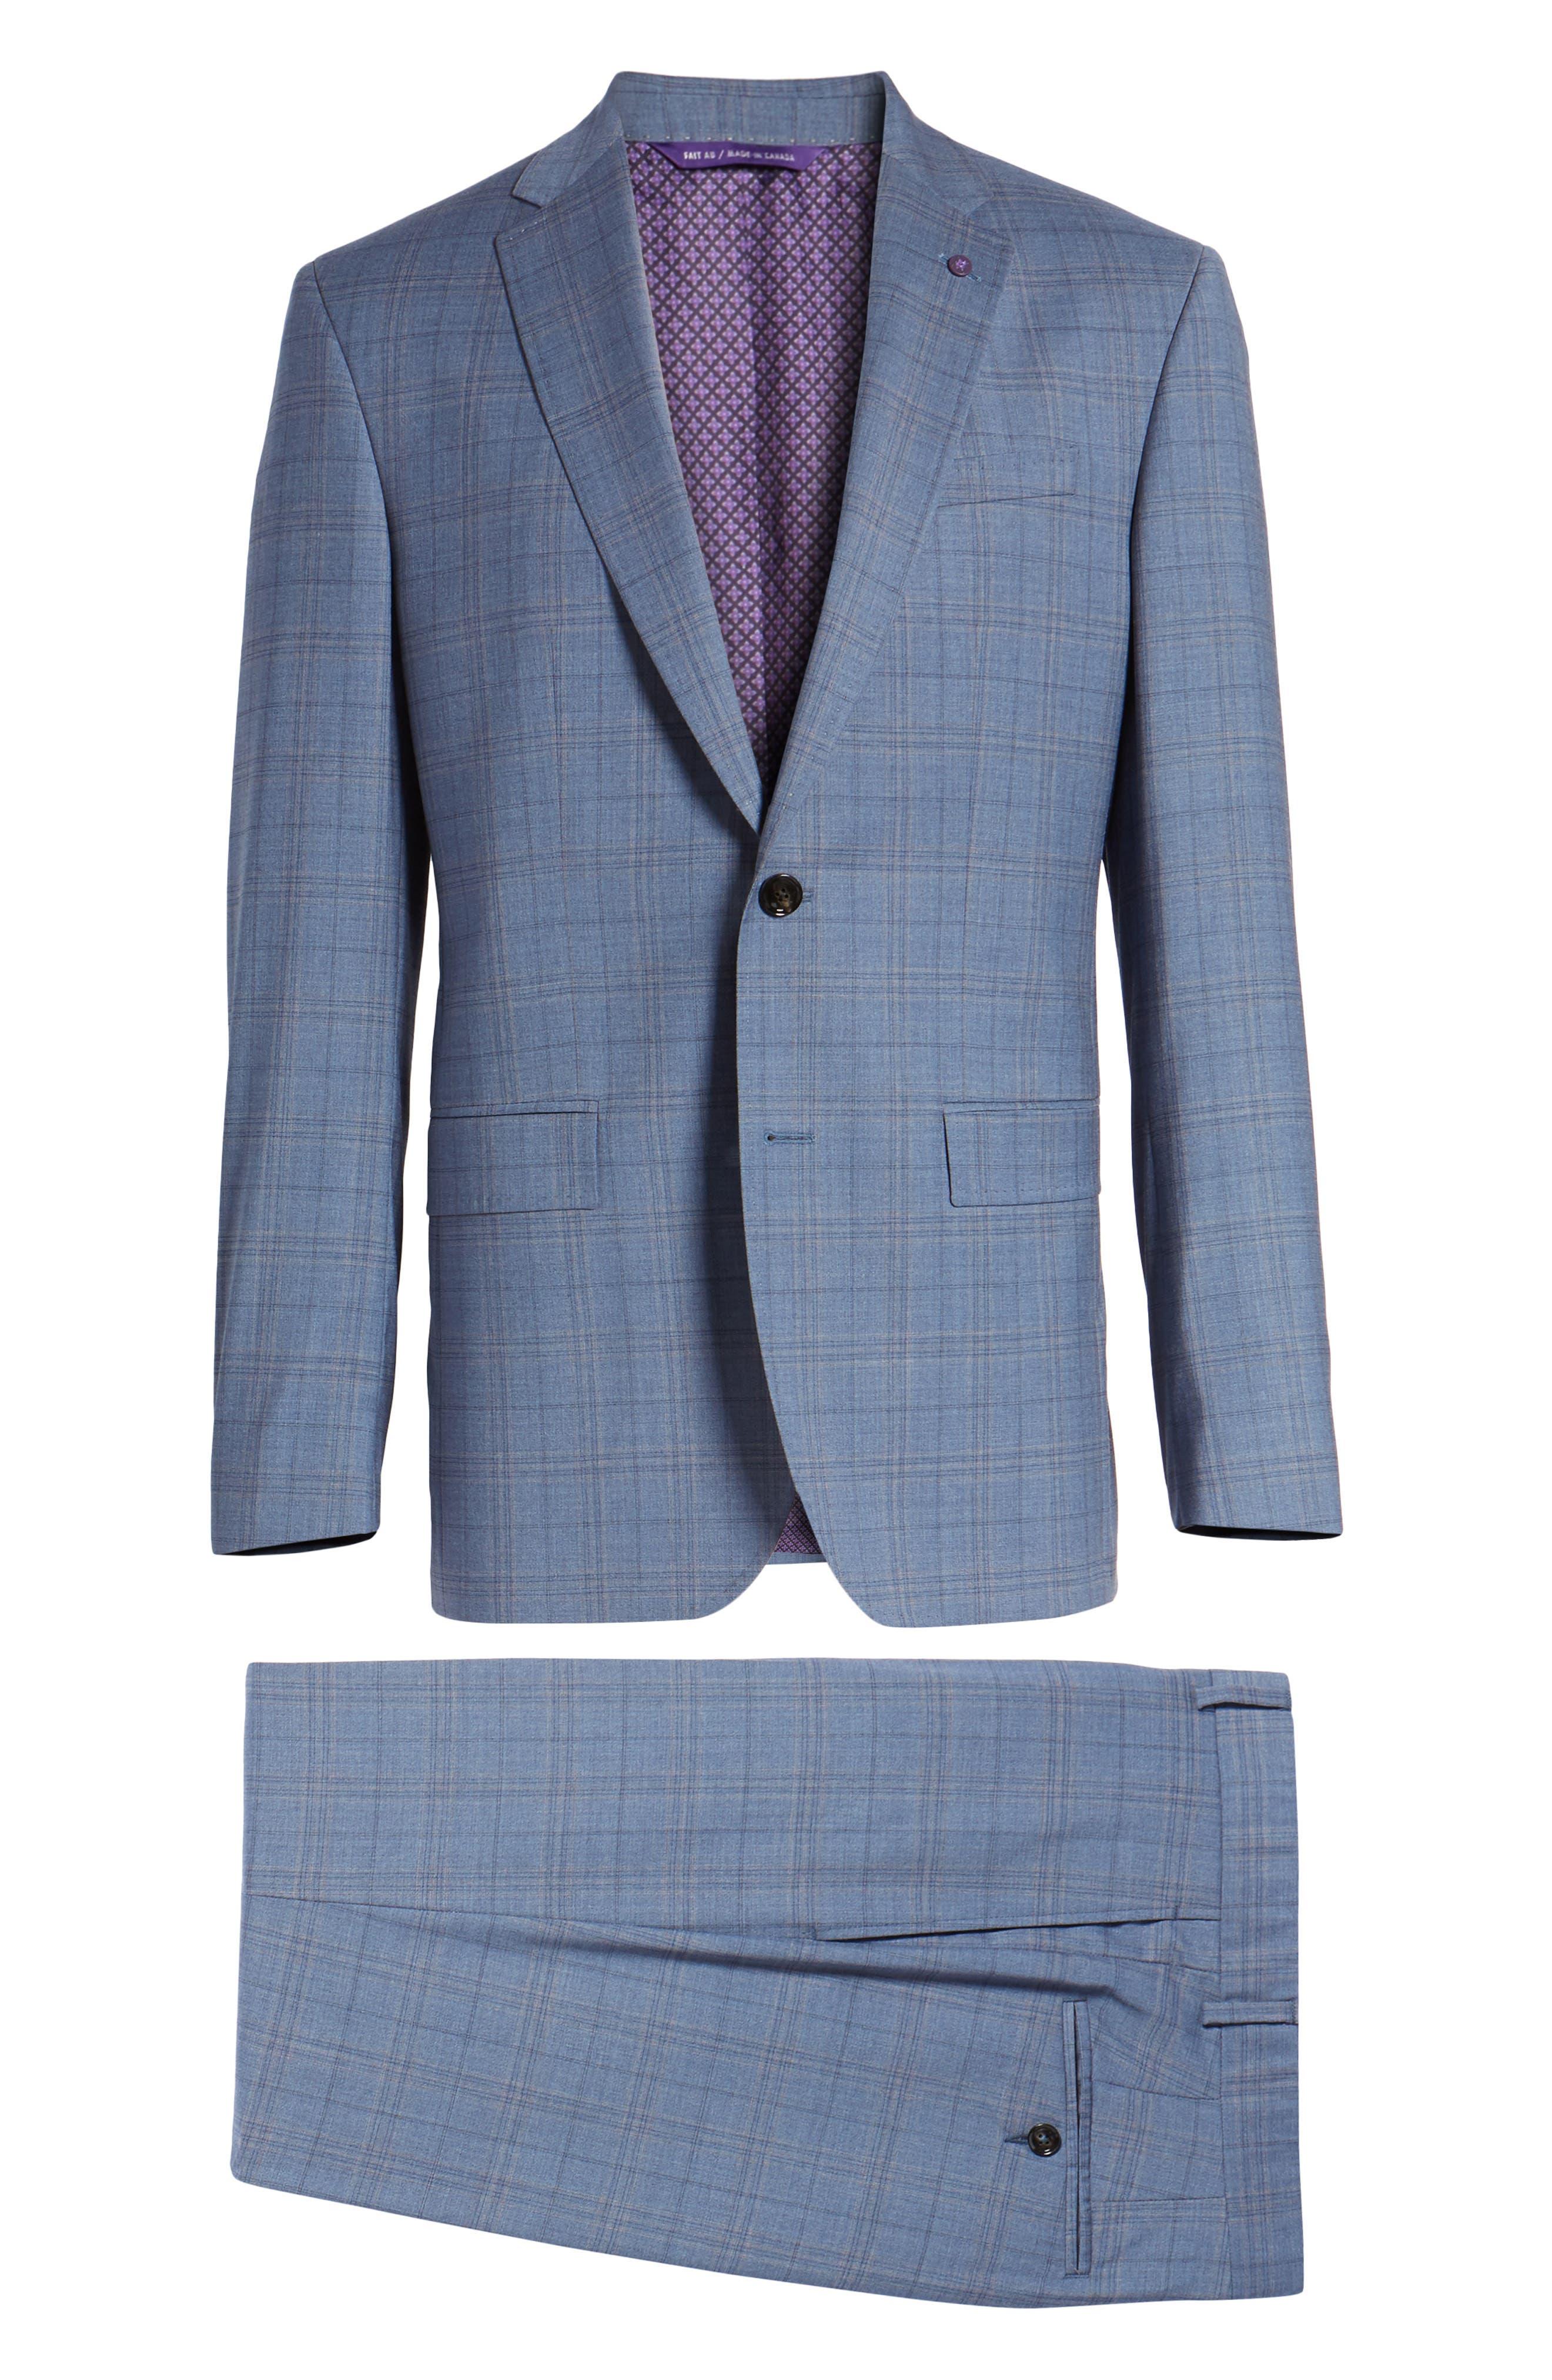 Jay Trim Fit Plaid Wool Suit,                             Alternate thumbnail 8, color,                             Blue